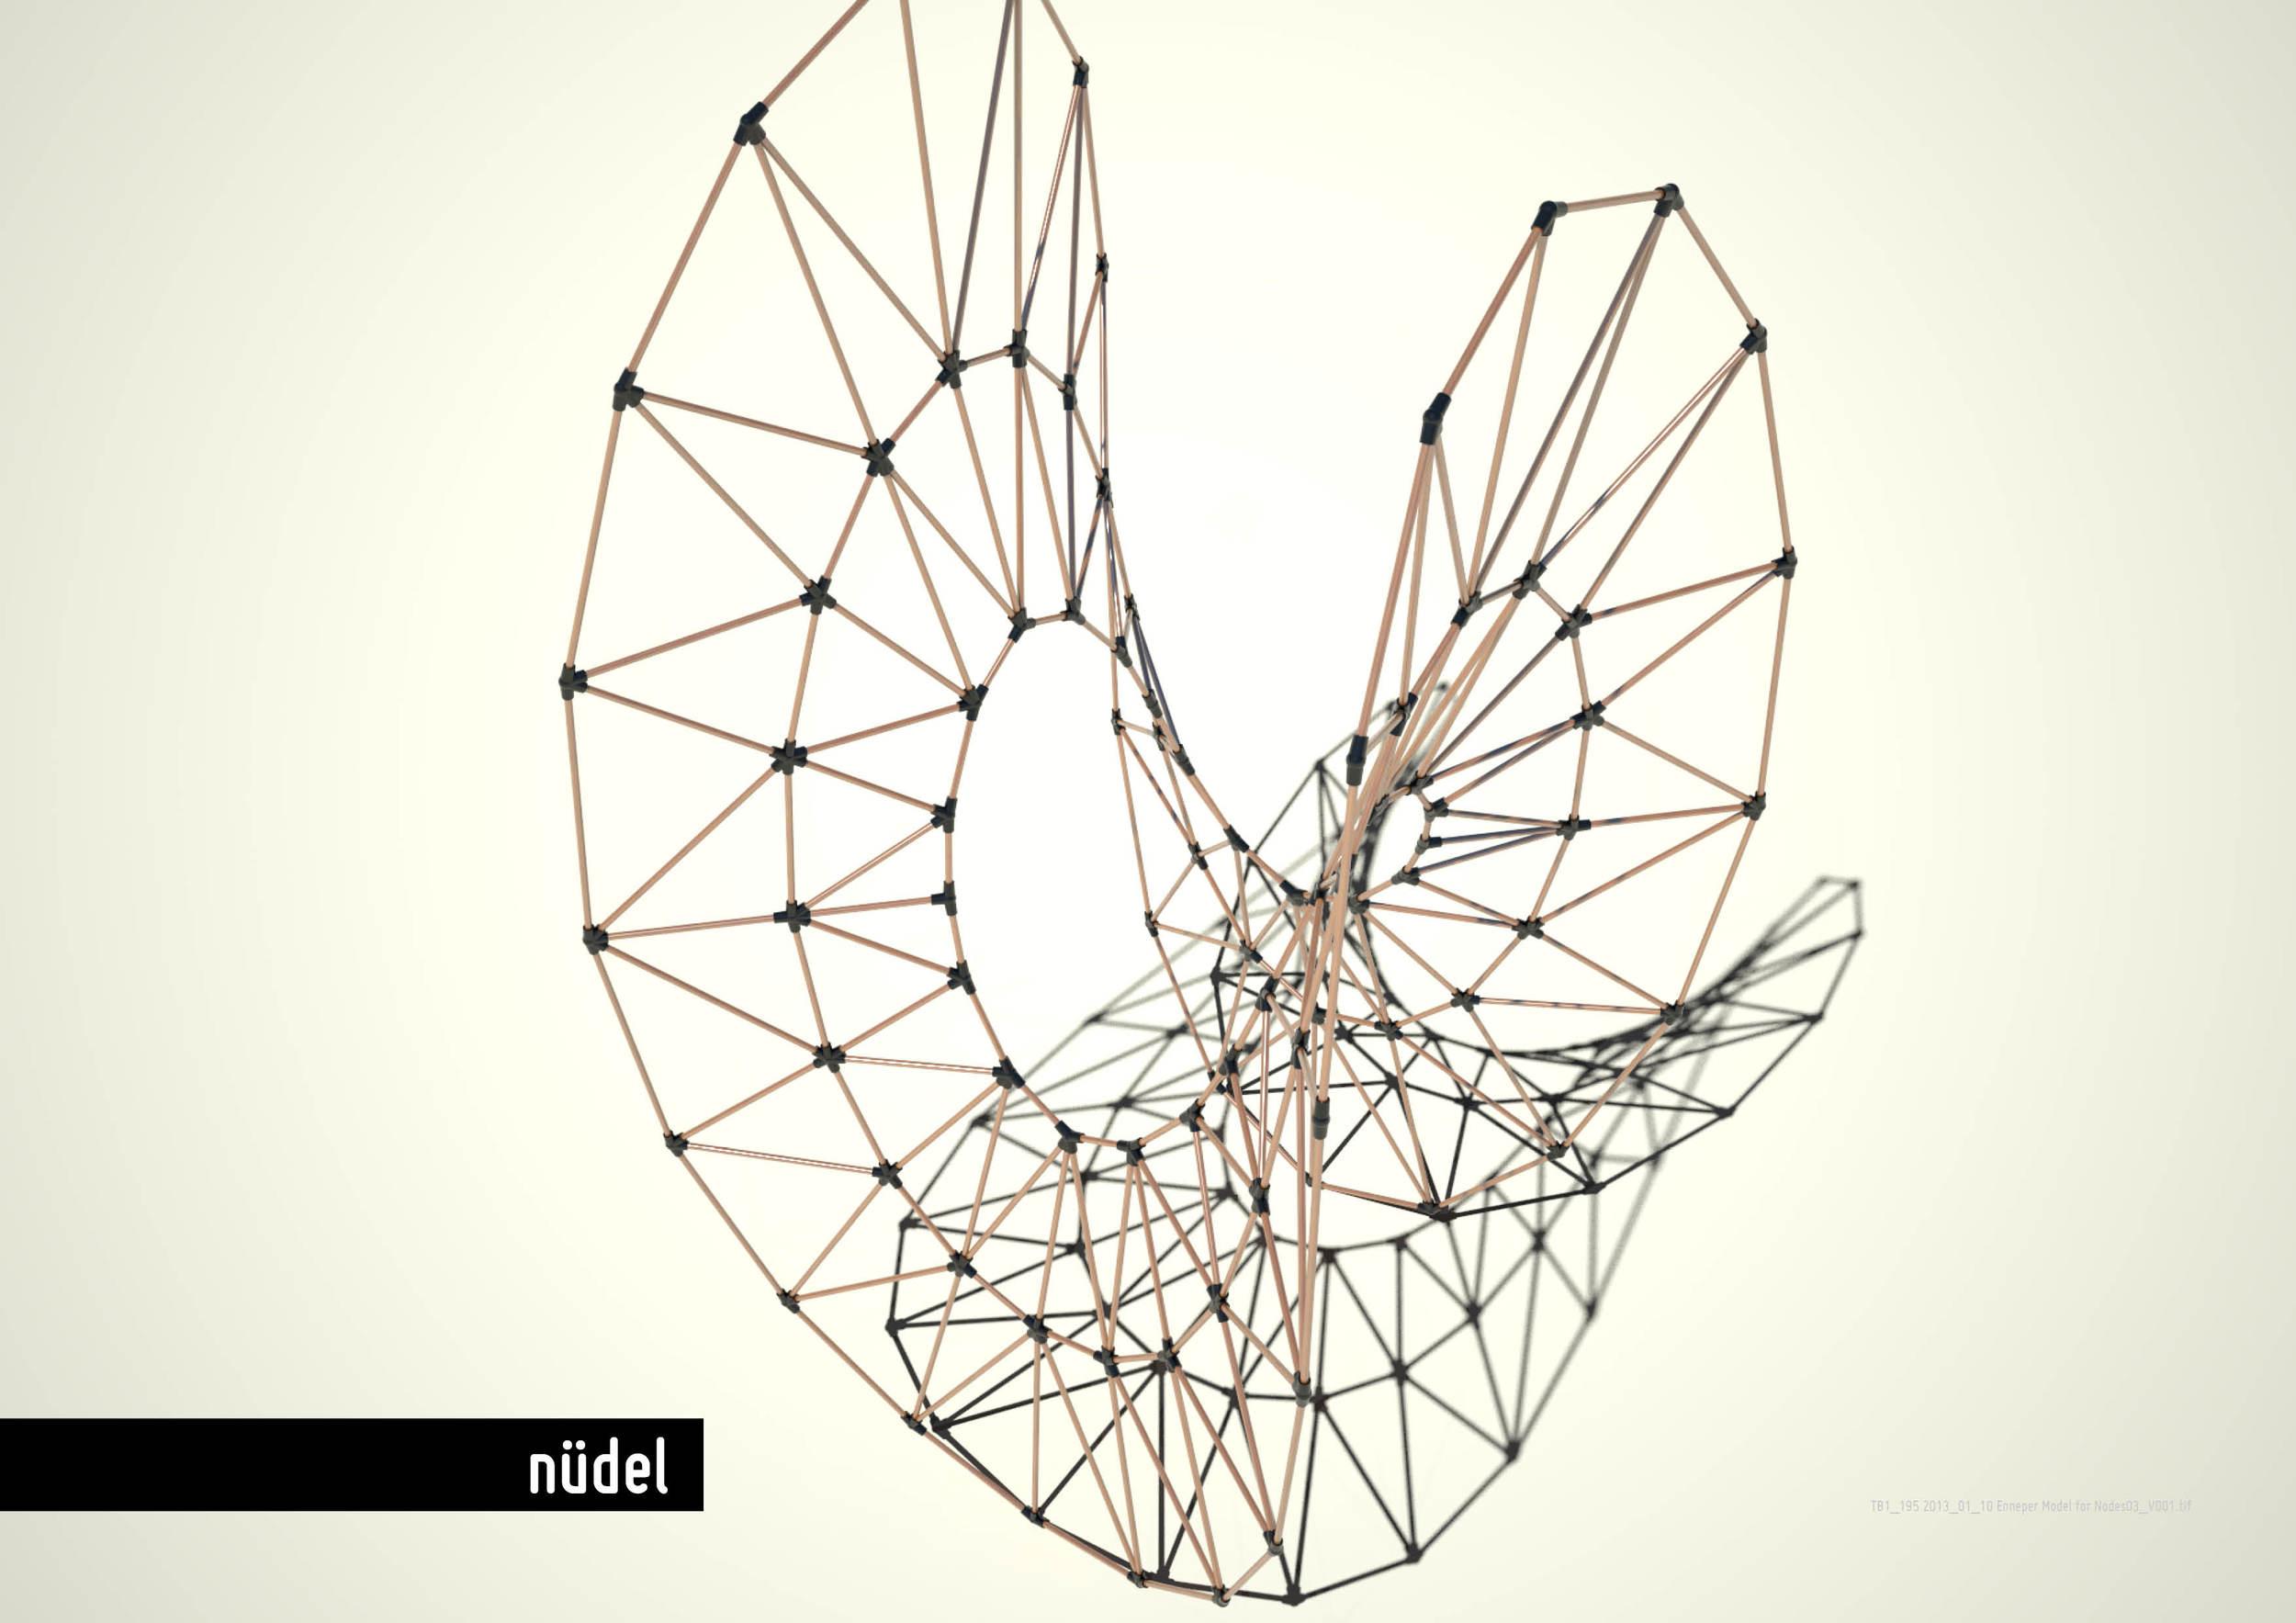 Enneper Digital Prototype